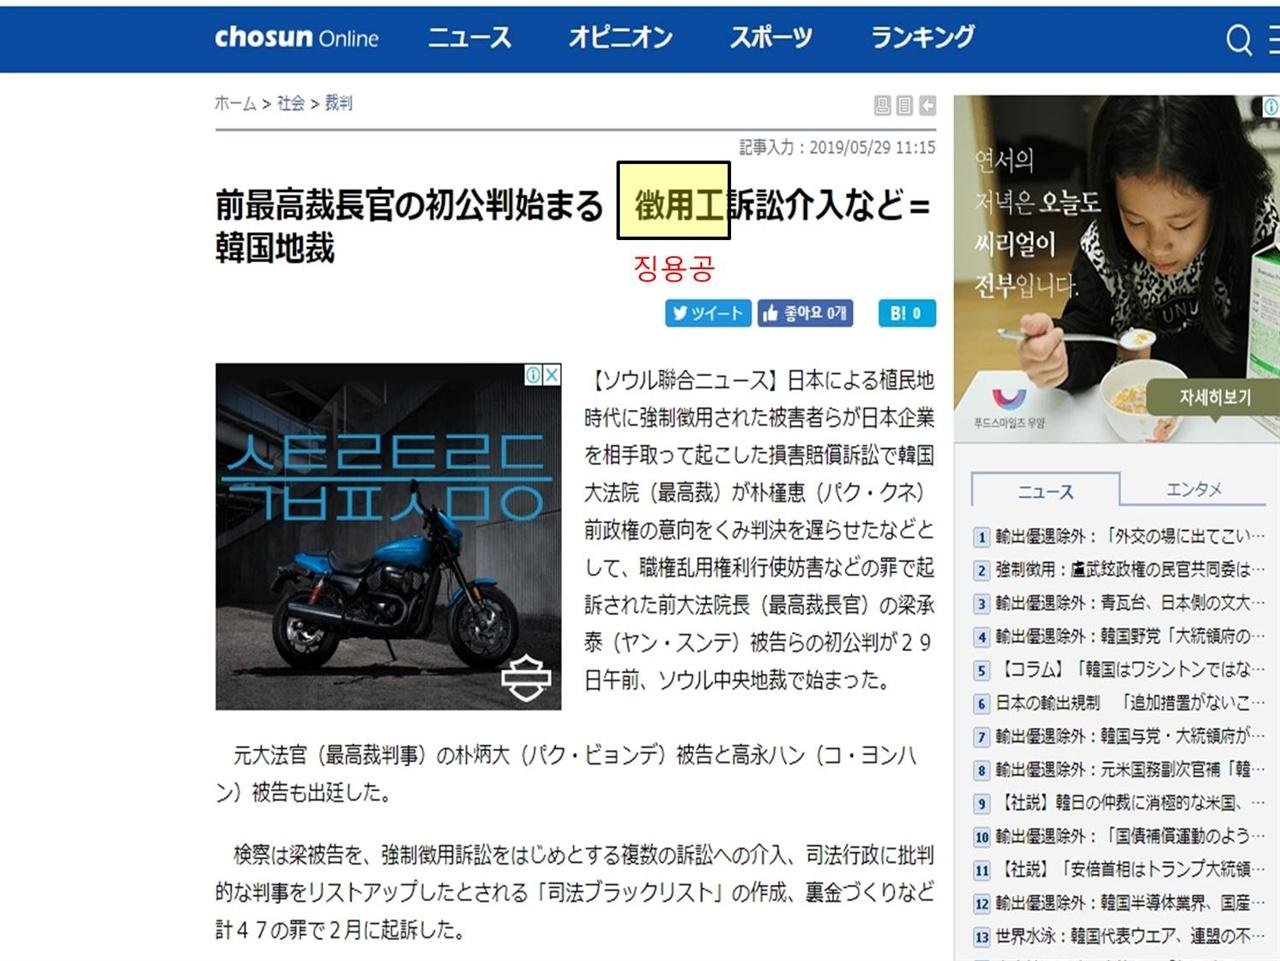 조선일보 일본어판 기사('19.5.29.)